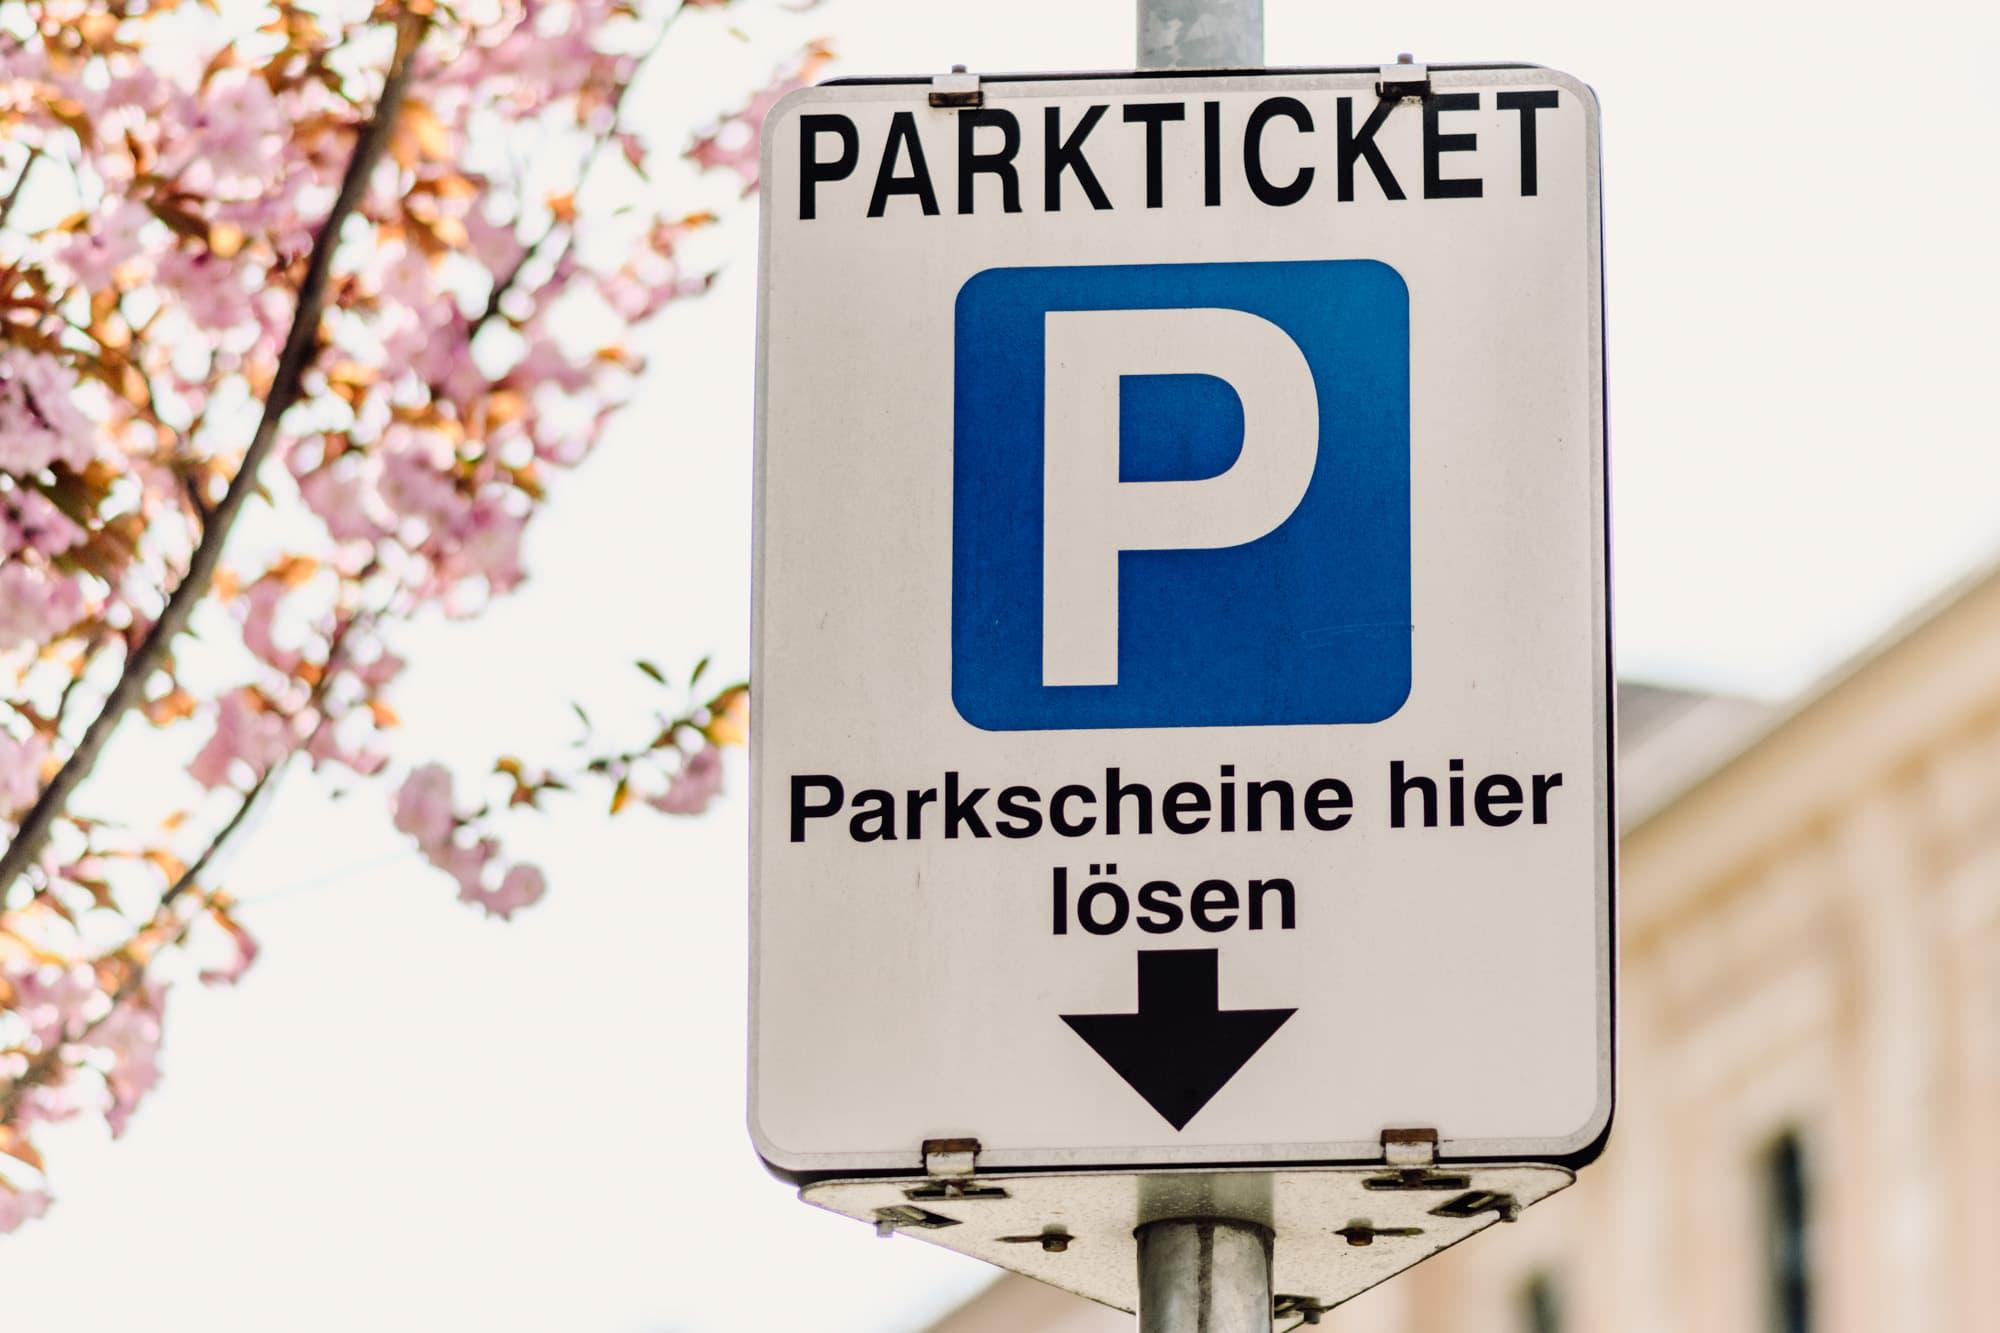 Parkticket, Parkschein, Hinweistafel, Parkscheine hier lösen, Parken in 9020 Klagenfurt am Wörthersee